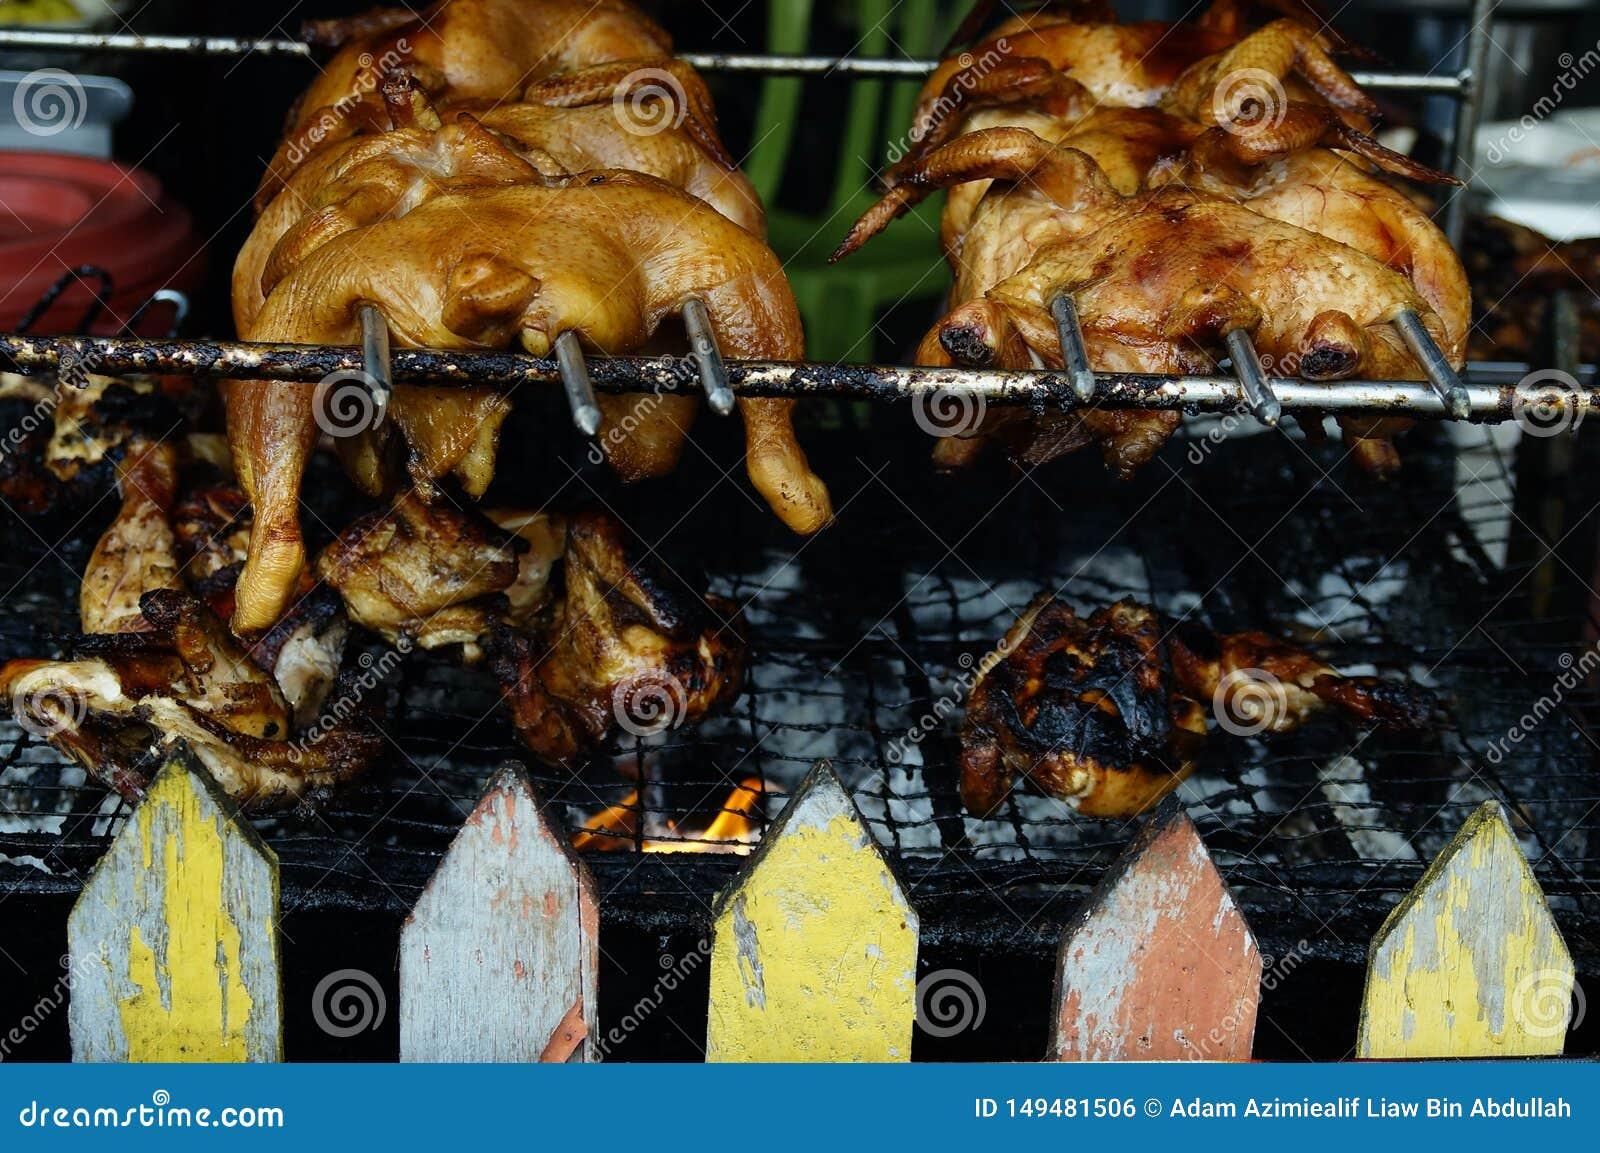 Vente de poulet r?ti au march? en plein air